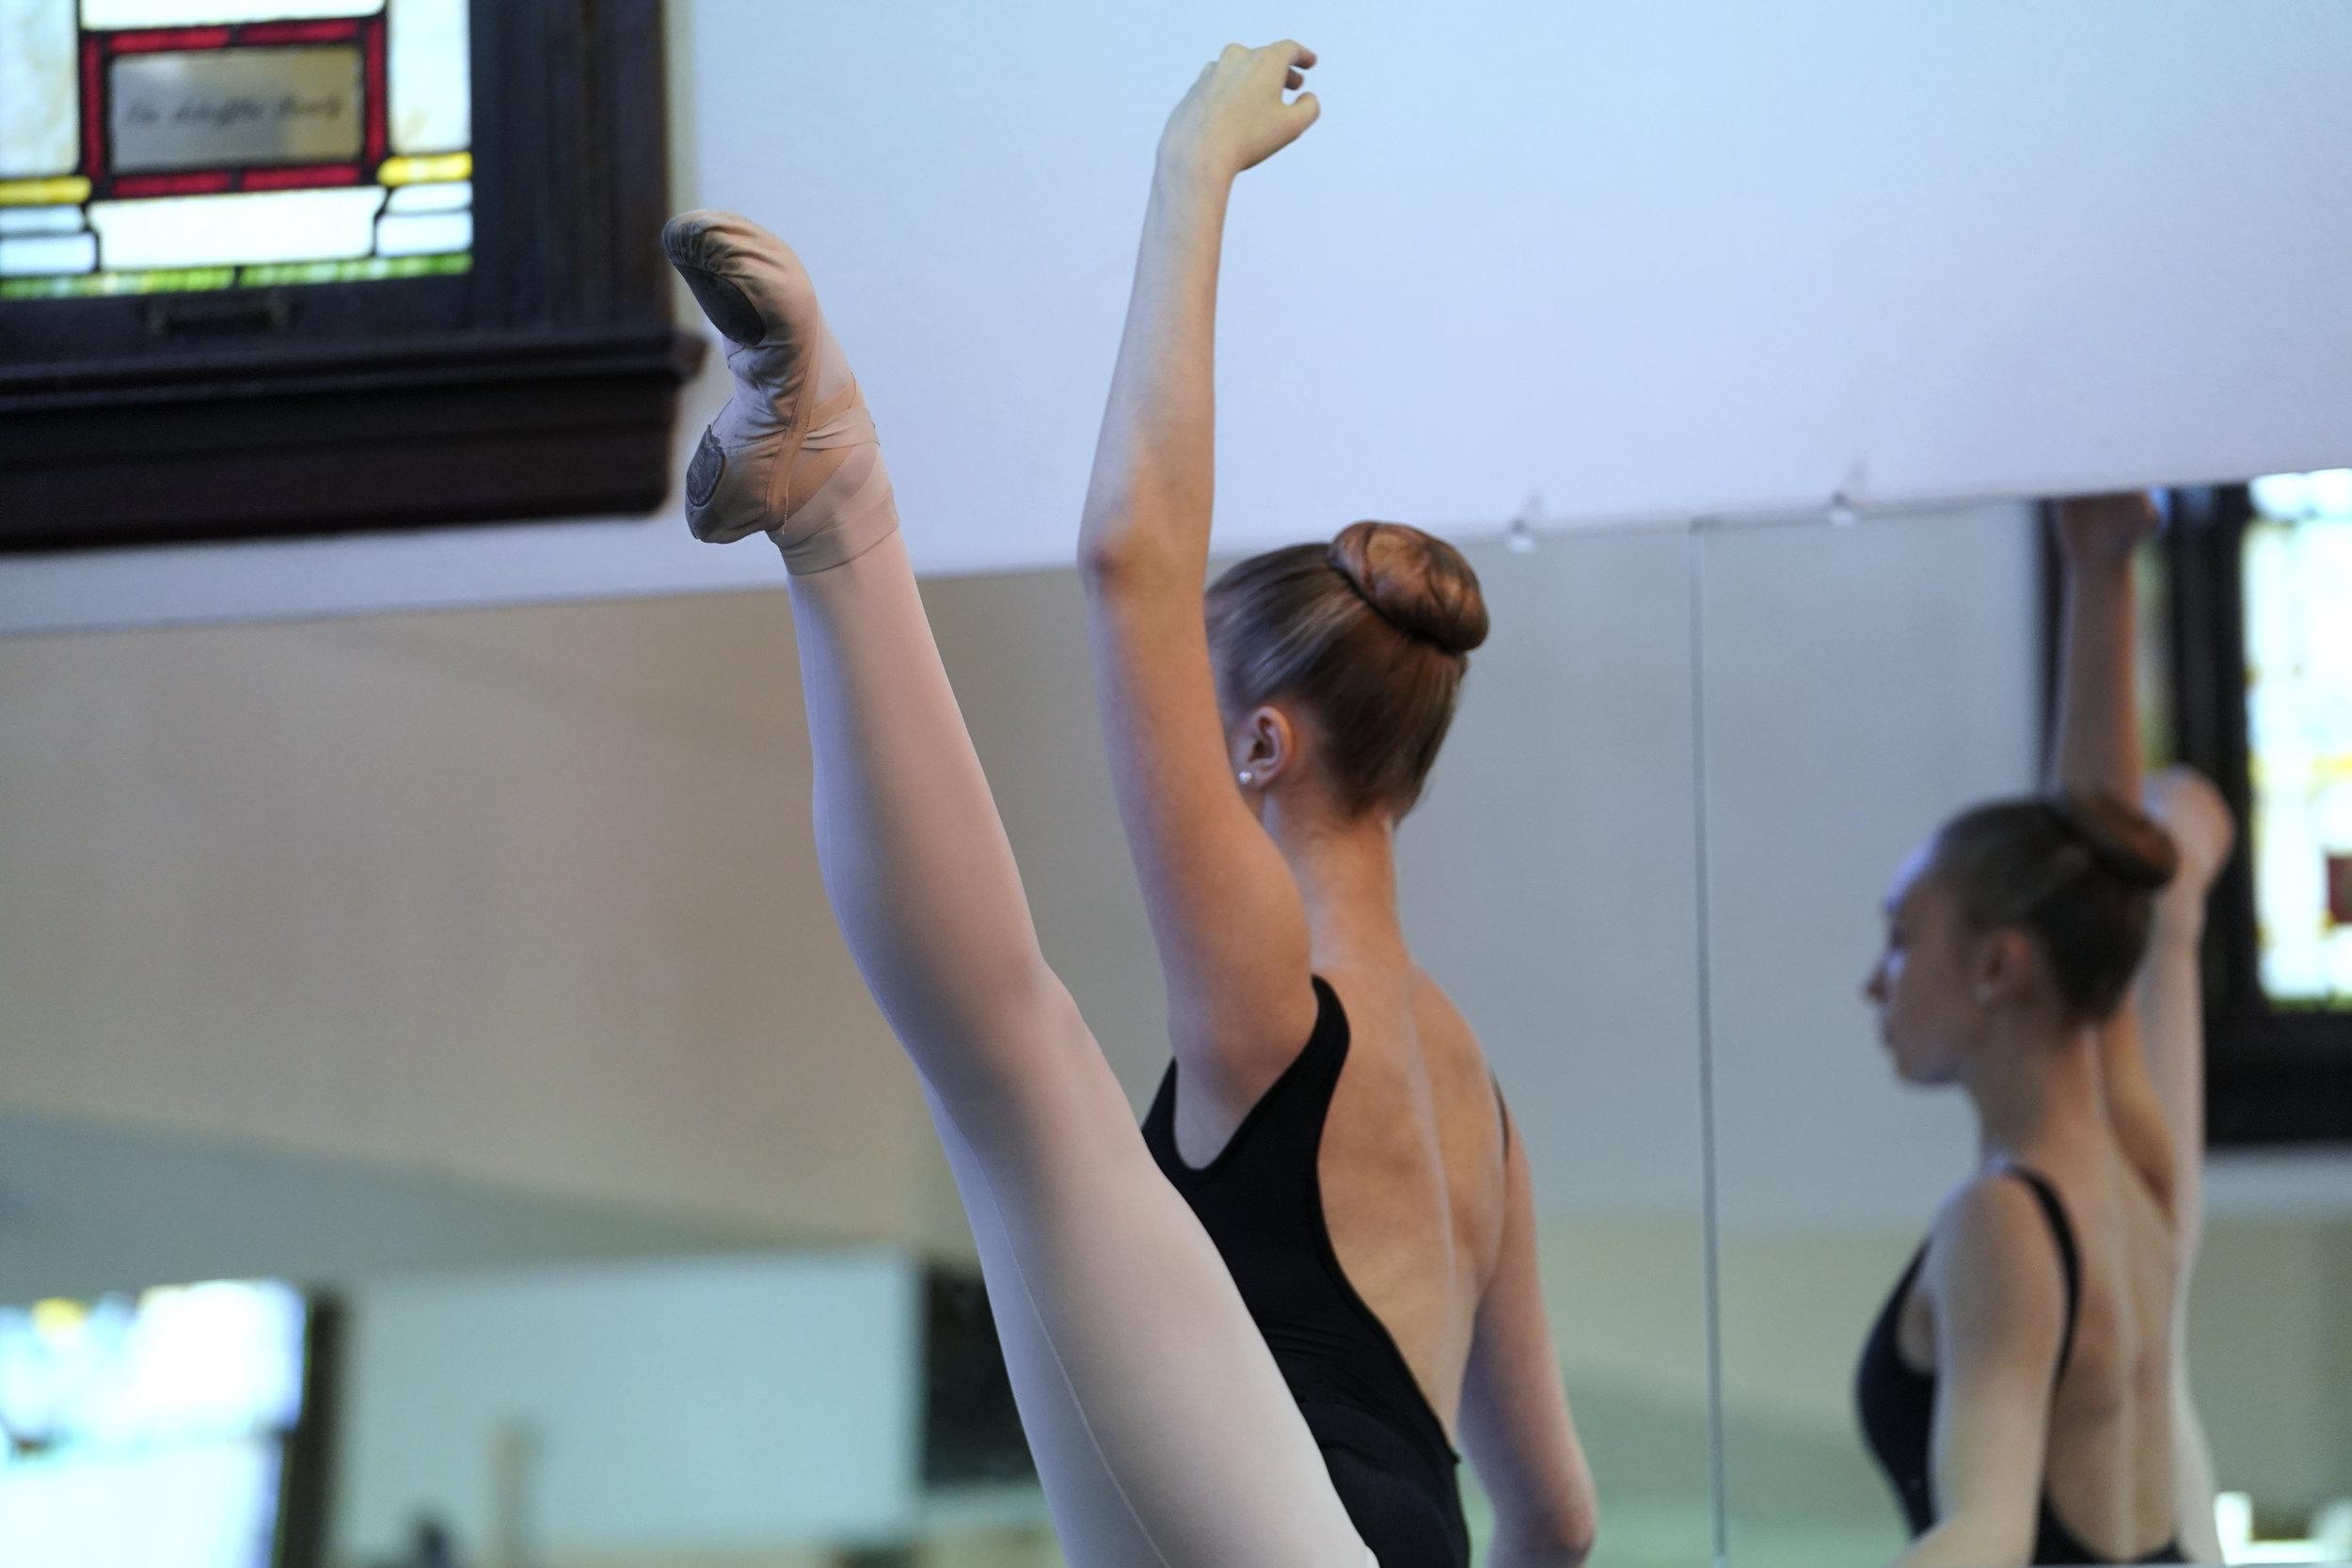 Dancer in Developpe a la Seconde